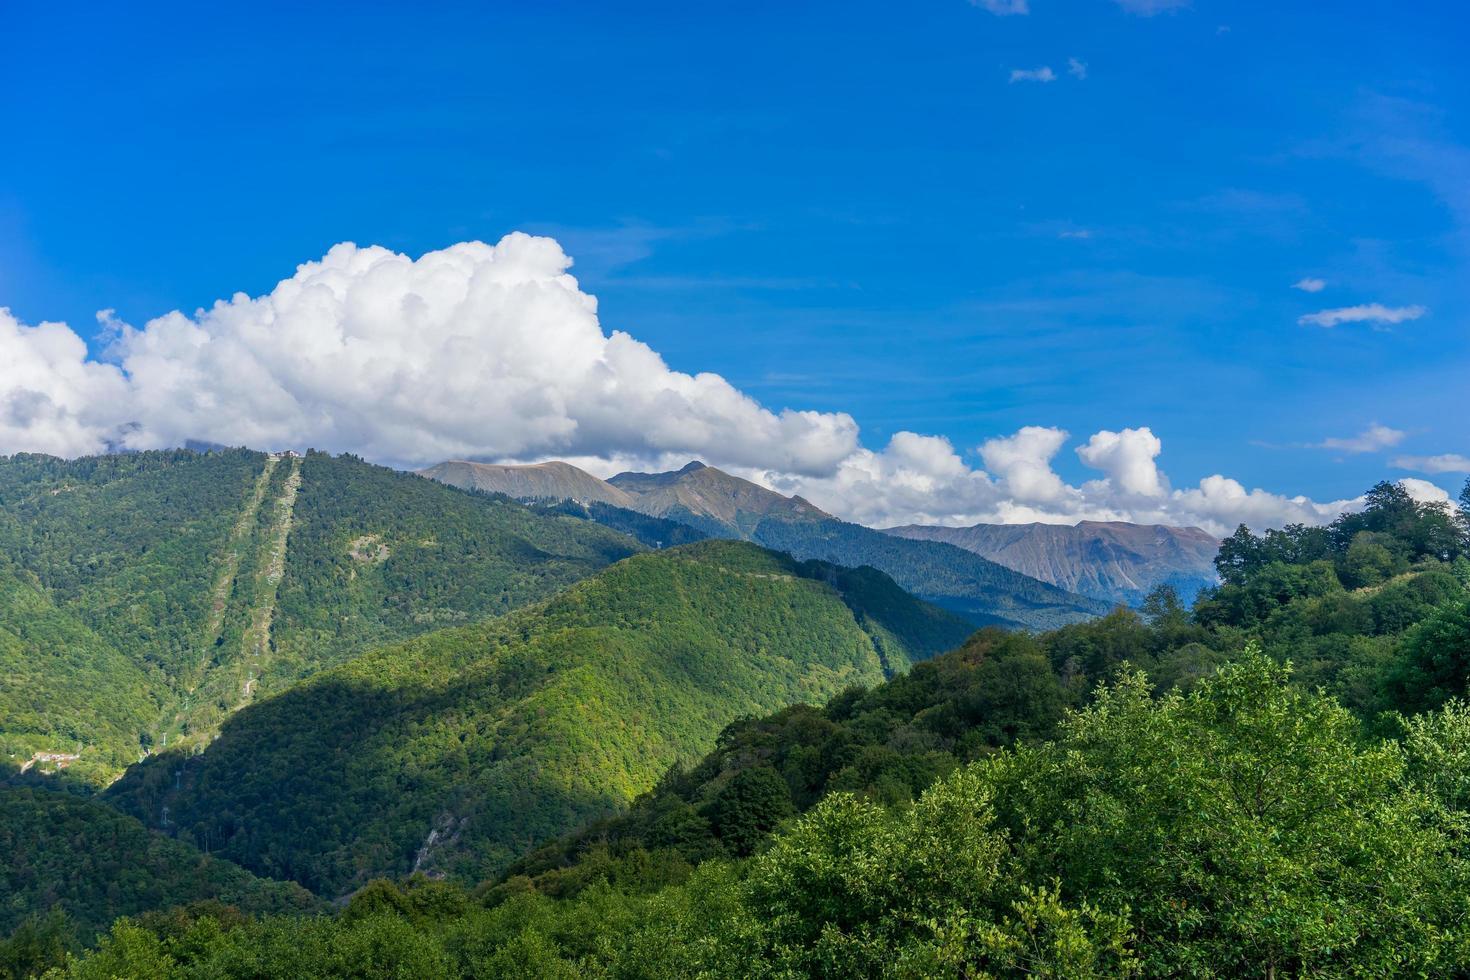 paesaggio di montagna contro il cielo blu nuvoloso foto